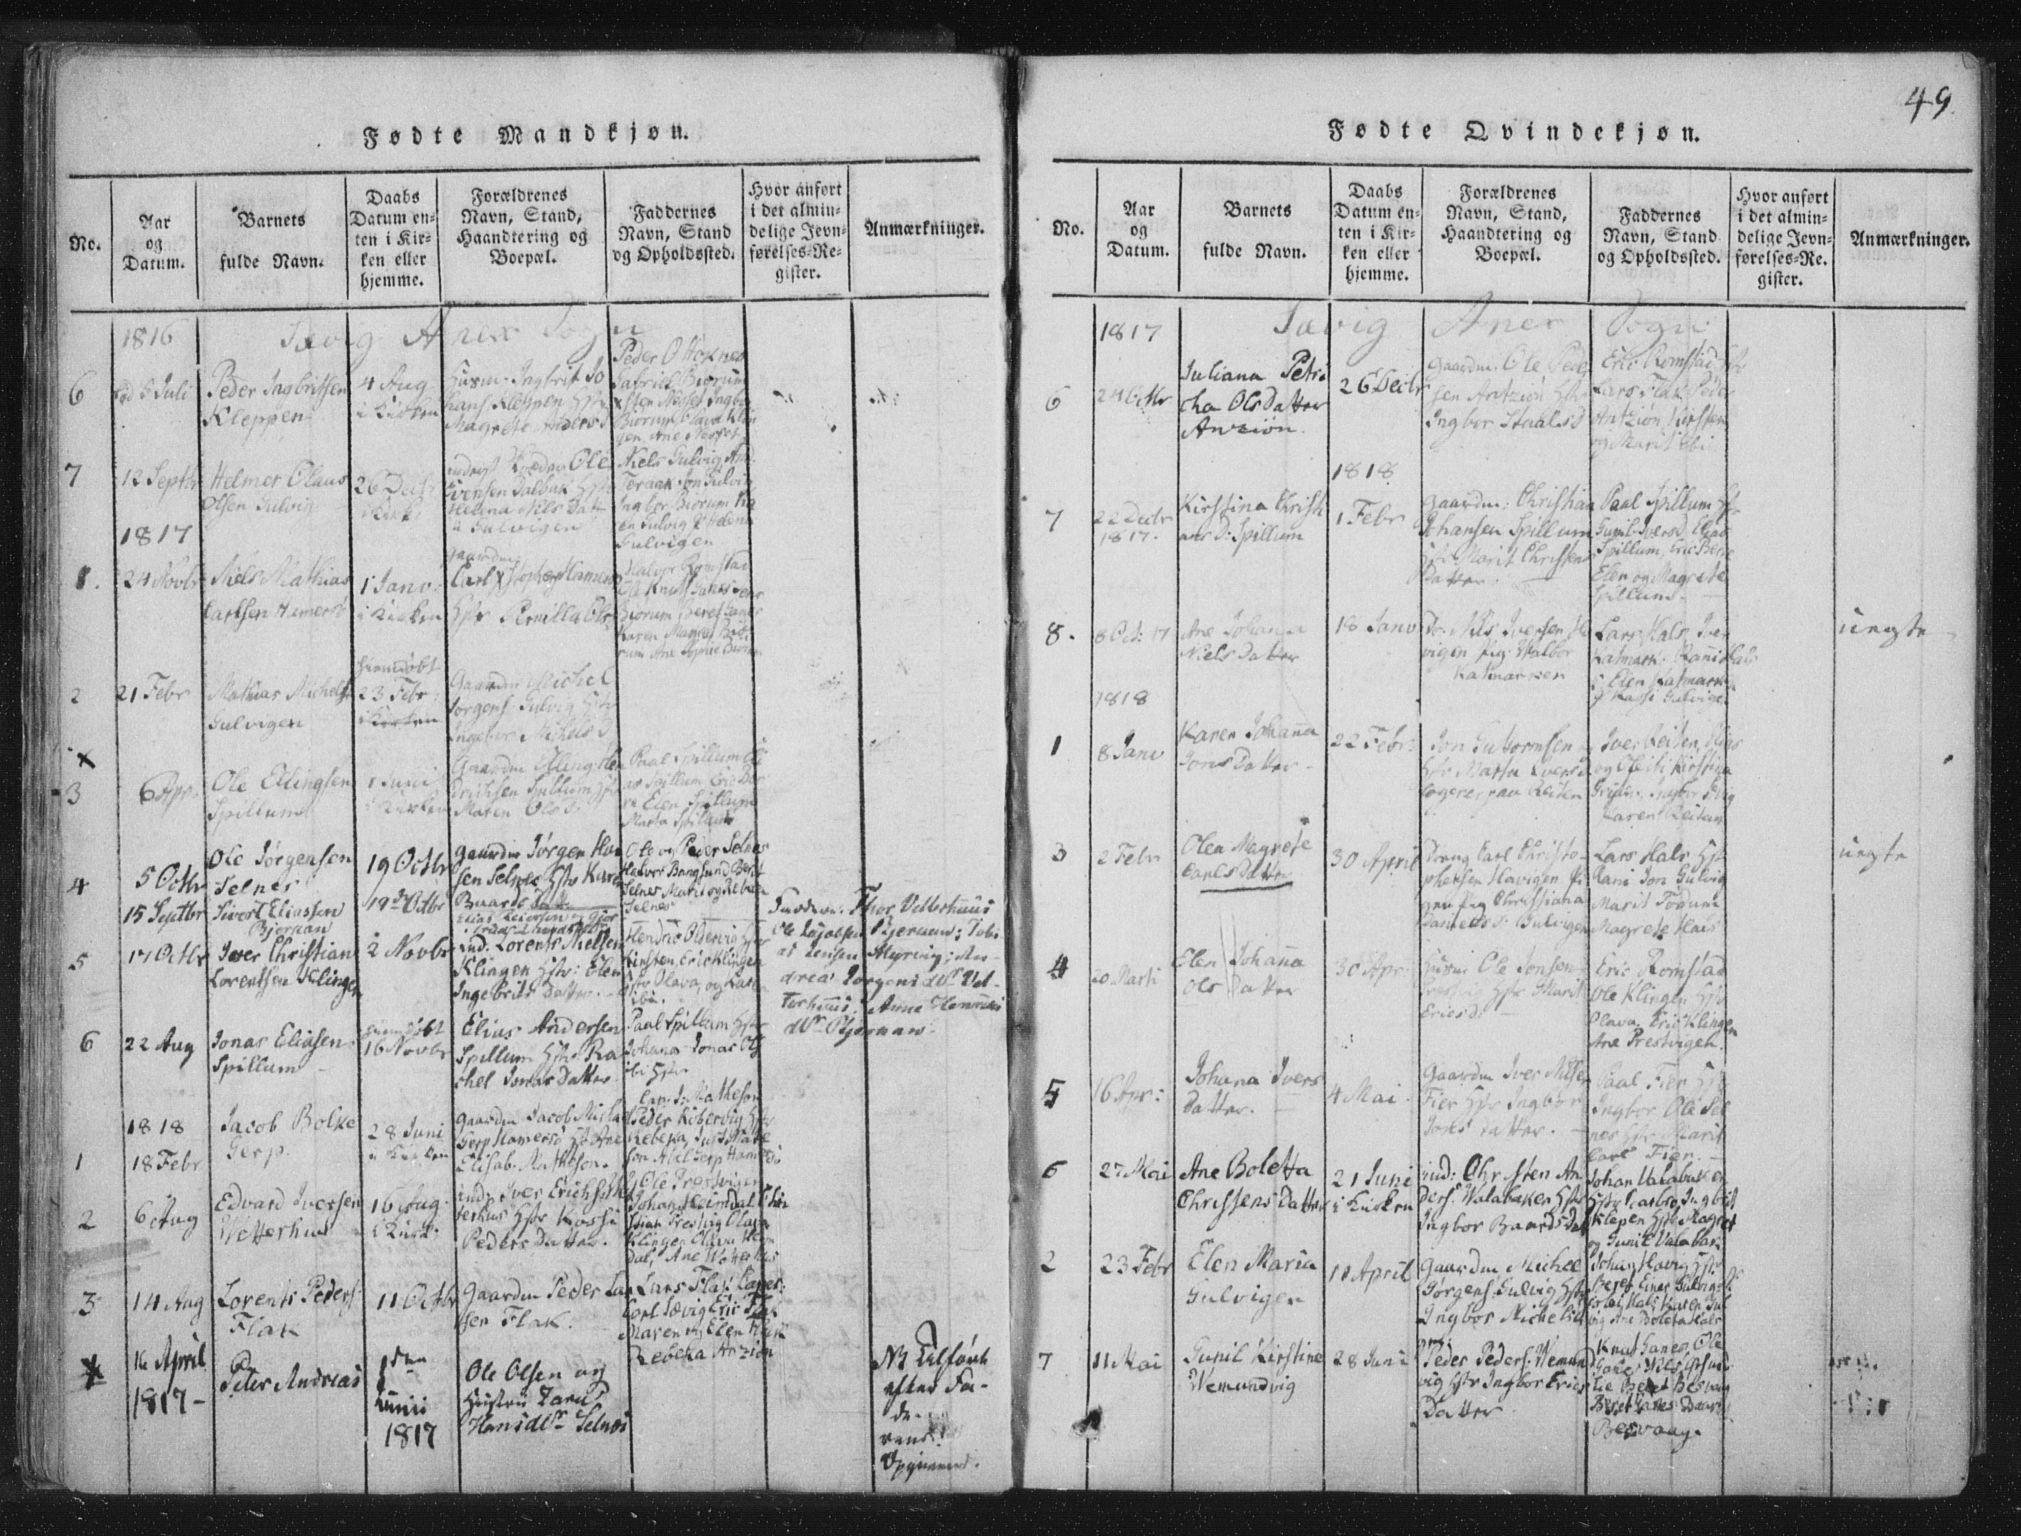 SAT, Ministerialprotokoller, klokkerbøker og fødselsregistre - Nord-Trøndelag, 773/L0609: Ministerialbok nr. 773A03 /4, 1815-1818, s. 49